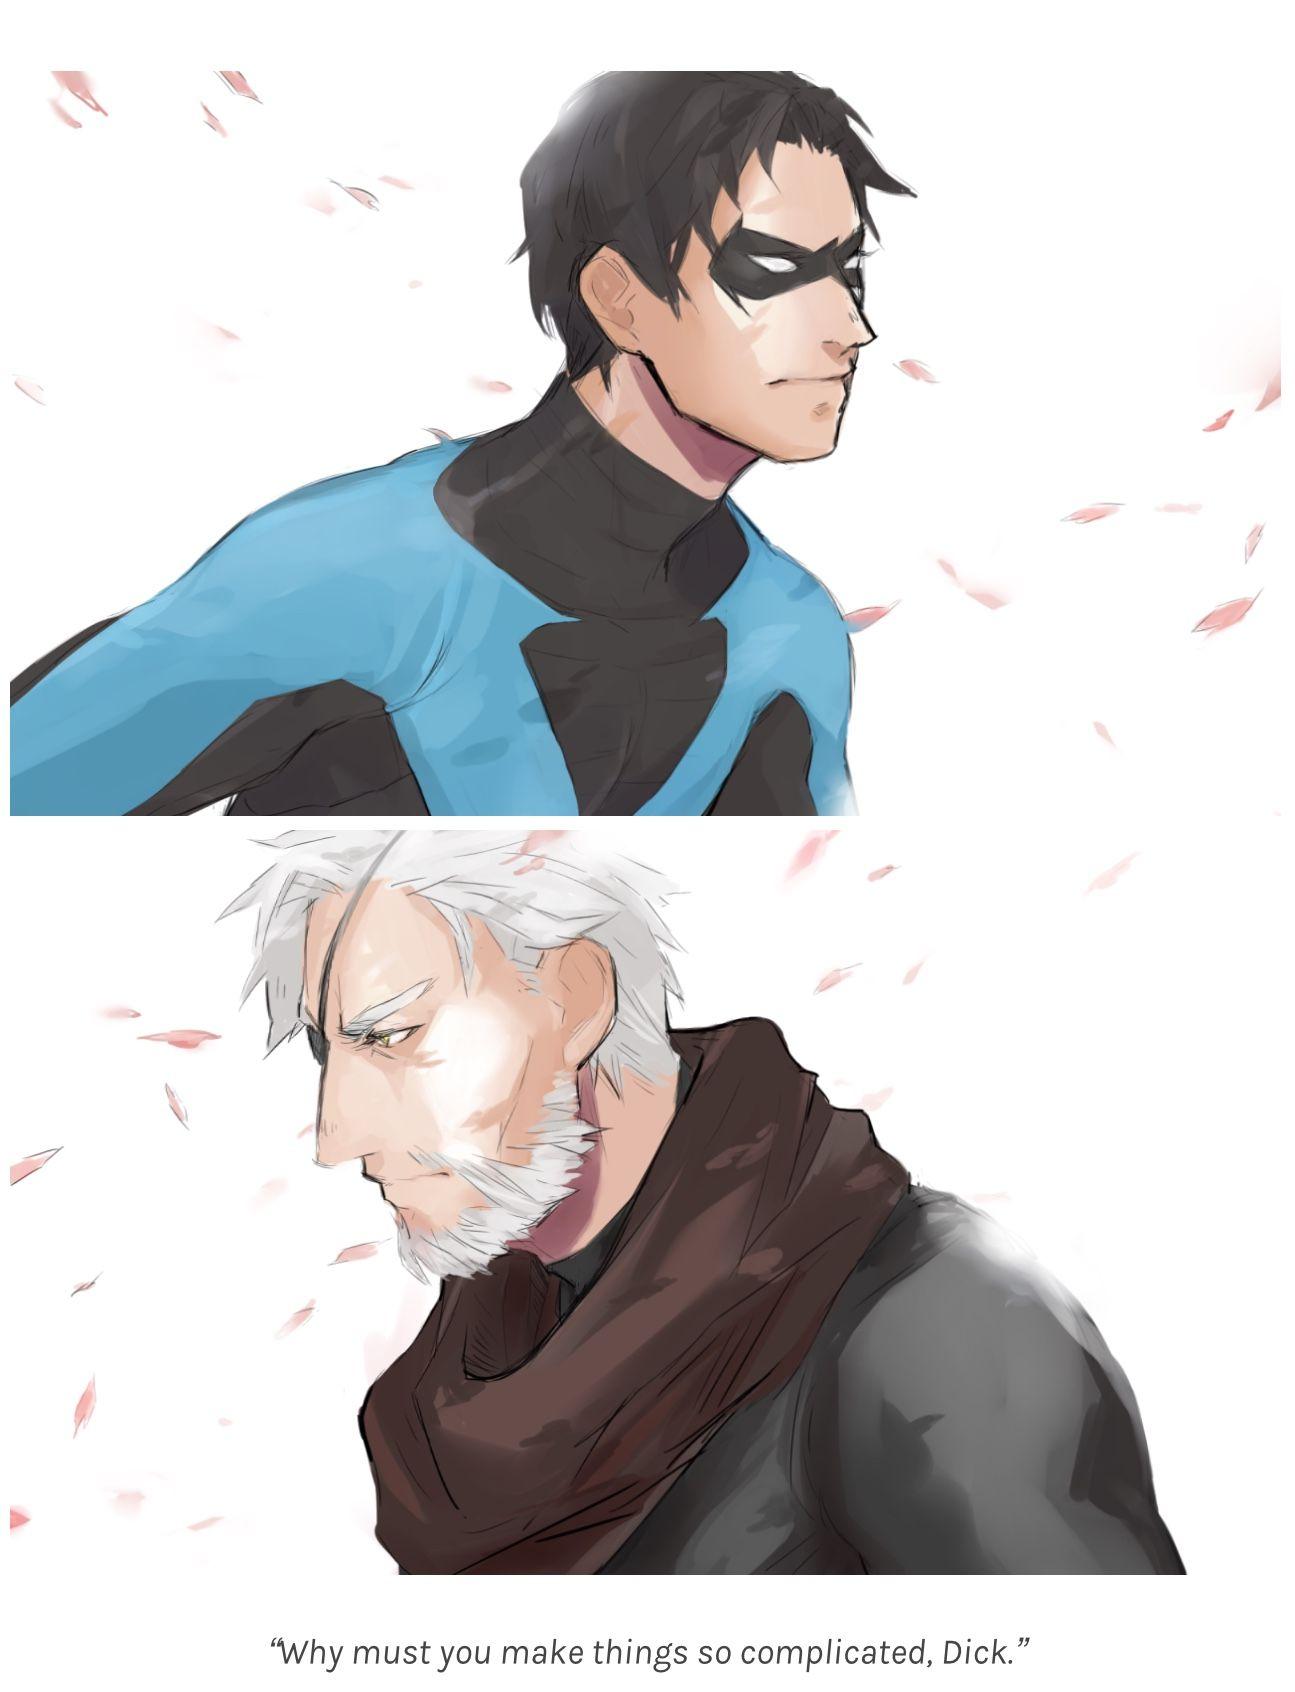 Slade/Dick | Sladin | Slade/Nightwing | Slade Wilson x Dick Grayson